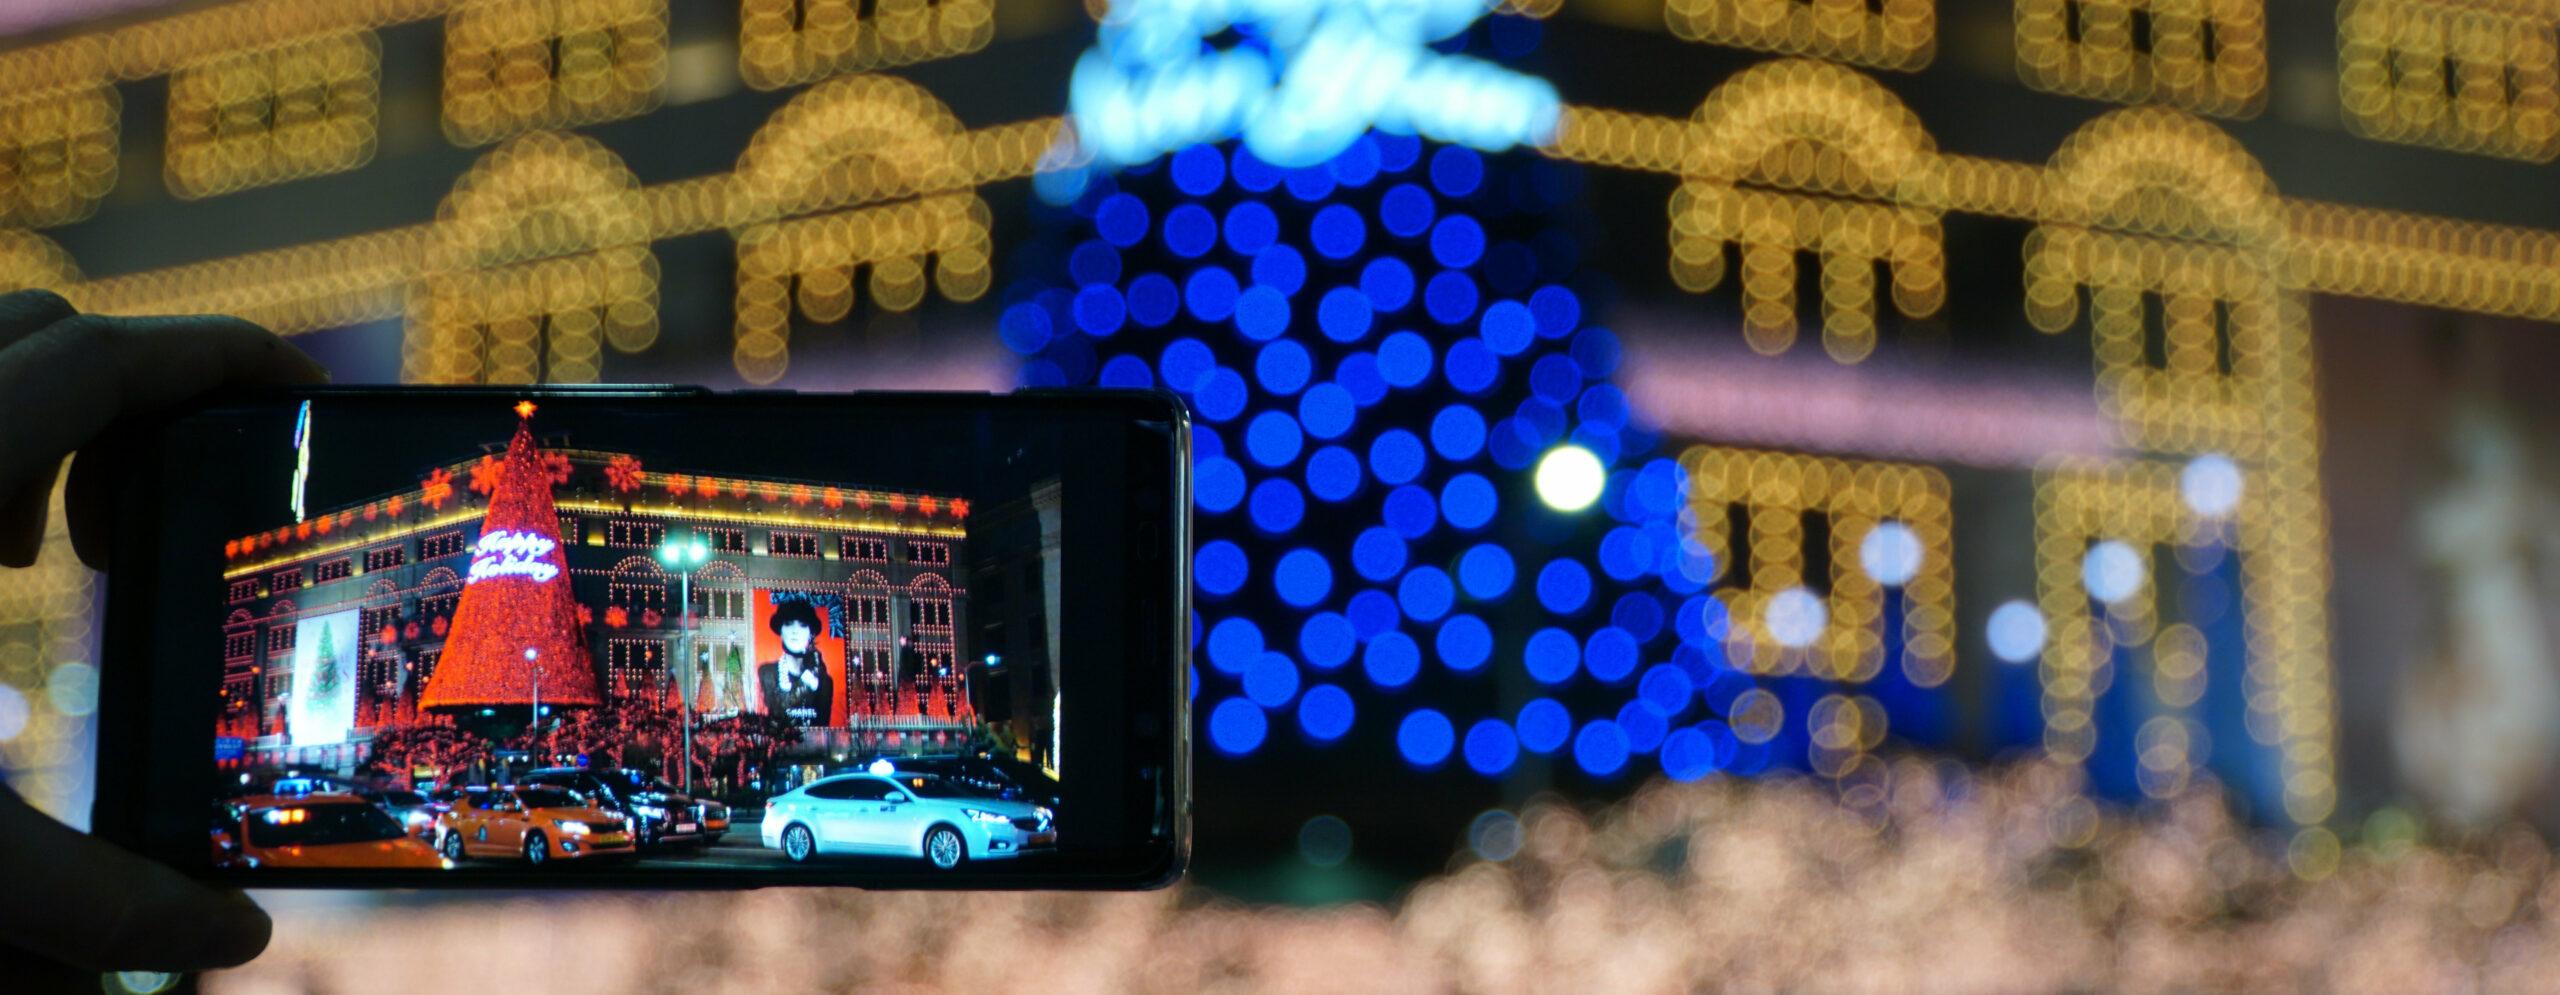 Smartphone-Bildschirm mit Weihnachtshintergrund